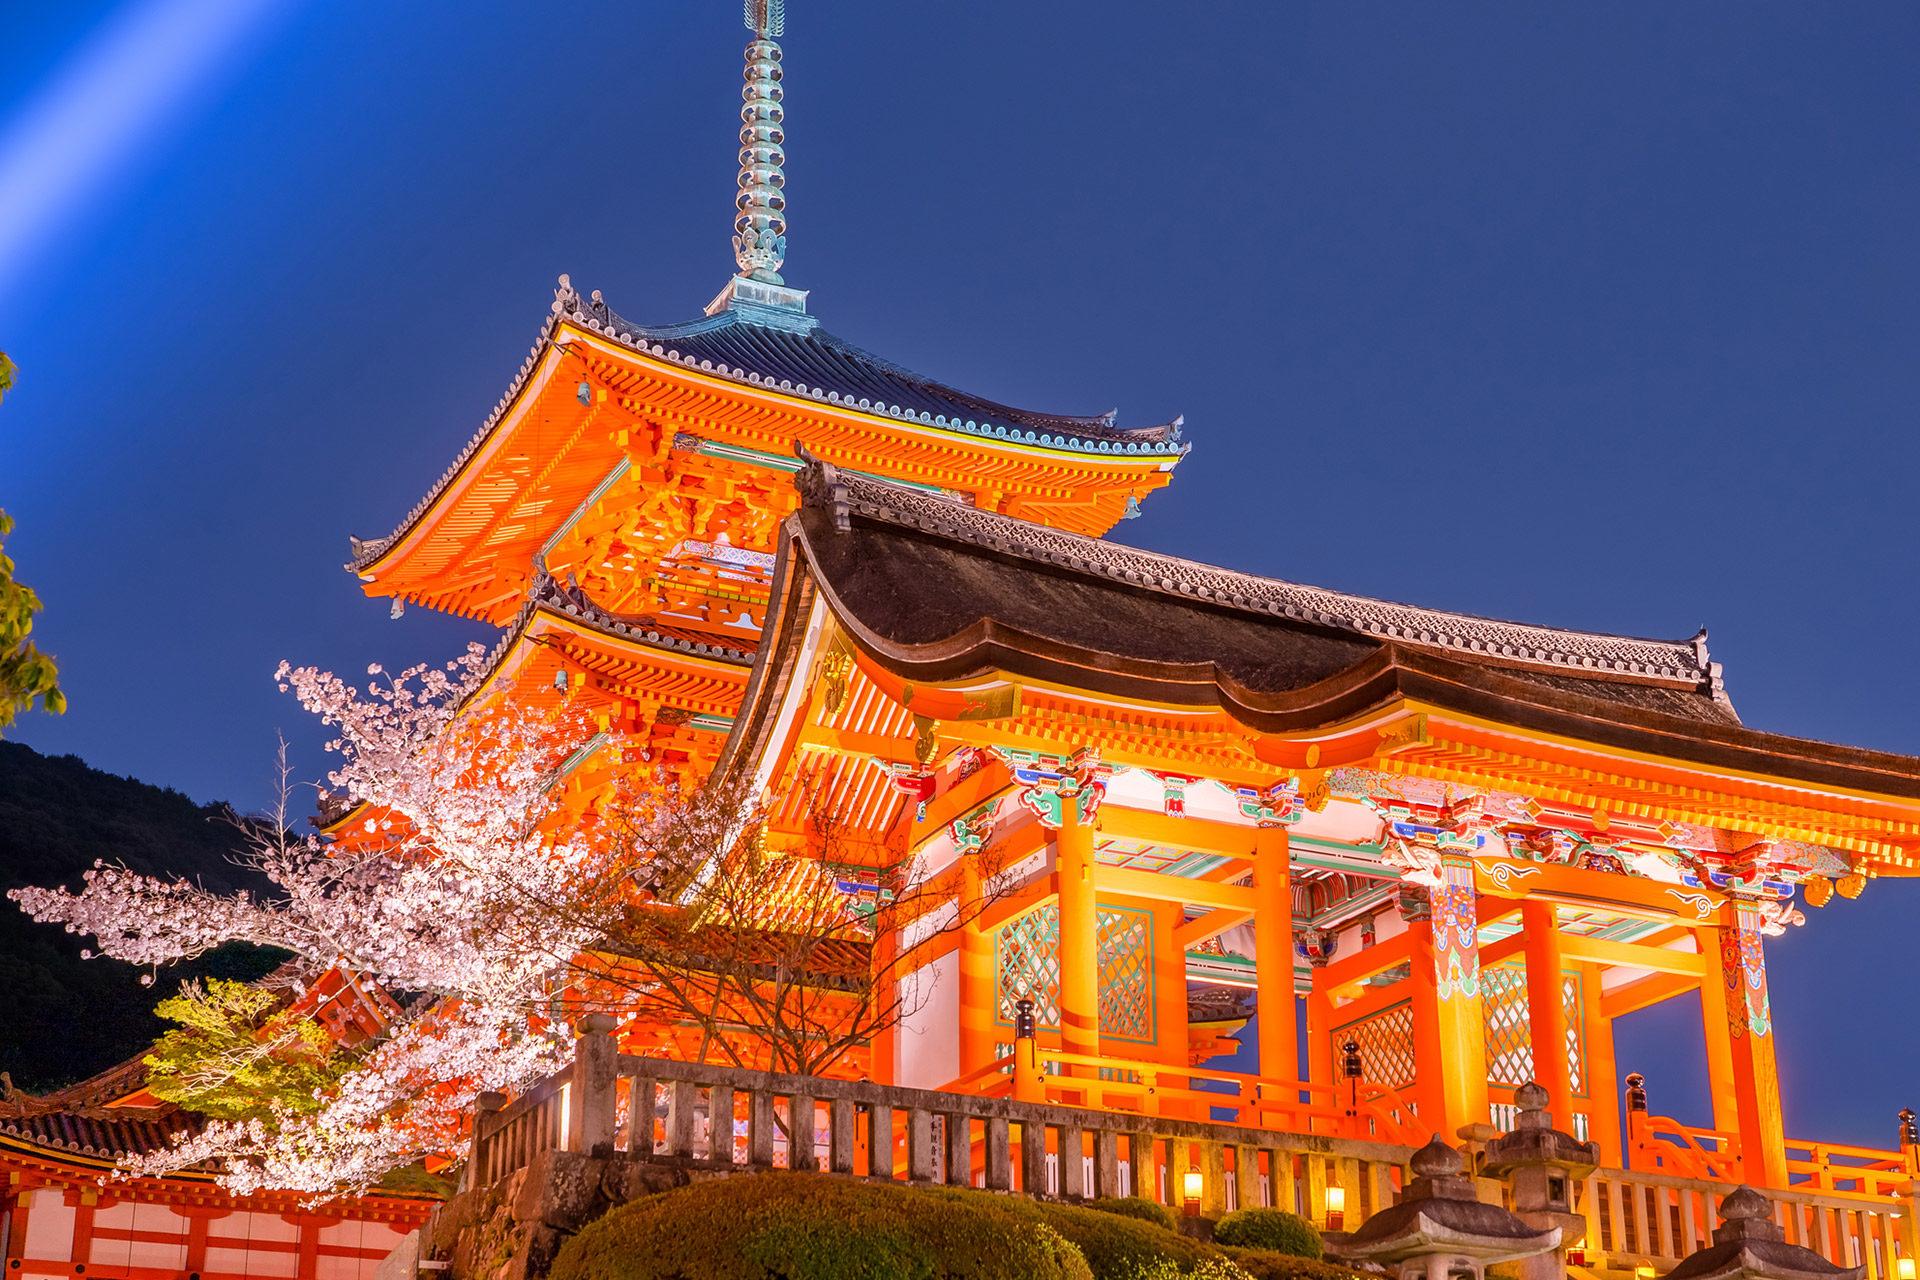 京都春天的燈光照明!